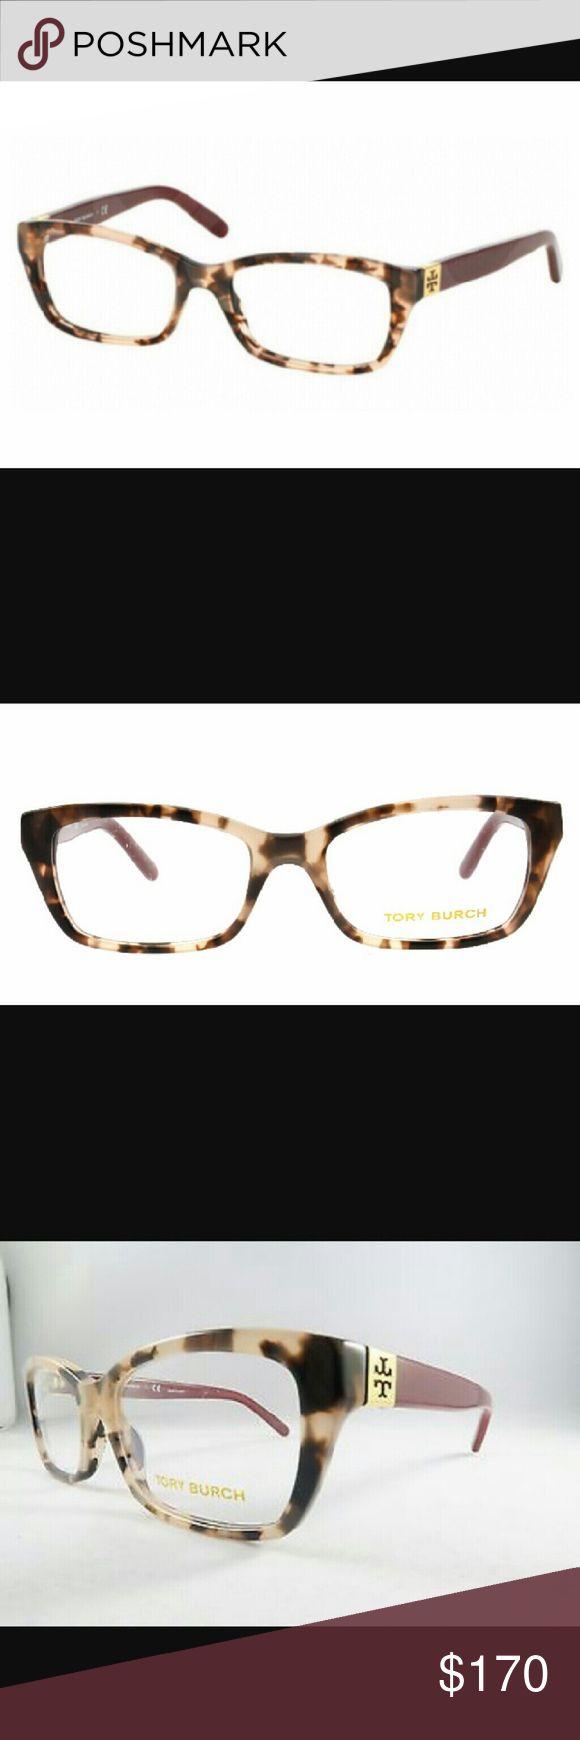 adidas occhiali mens 2014 vendita, fino al 43% di sconti